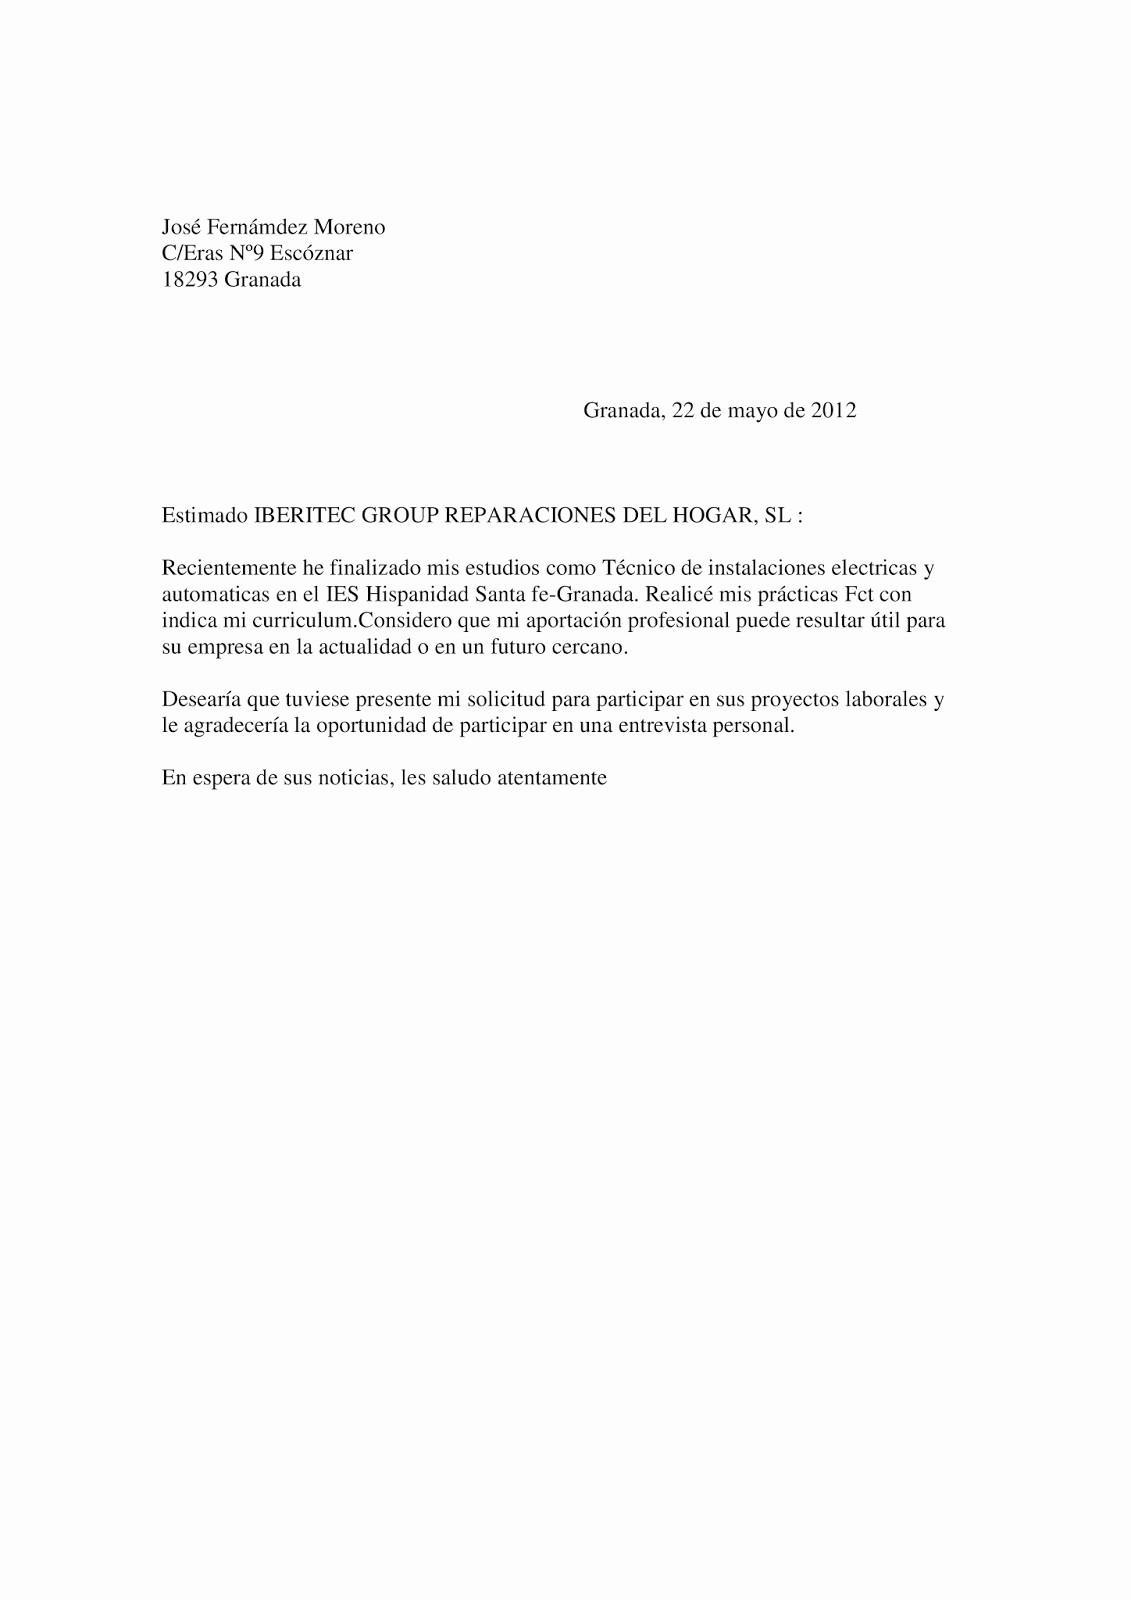 Carta De Oferta De Trabajo Fresh Mi Curriculum 5 Ofertas De Empleo Y Carta De Presentacion